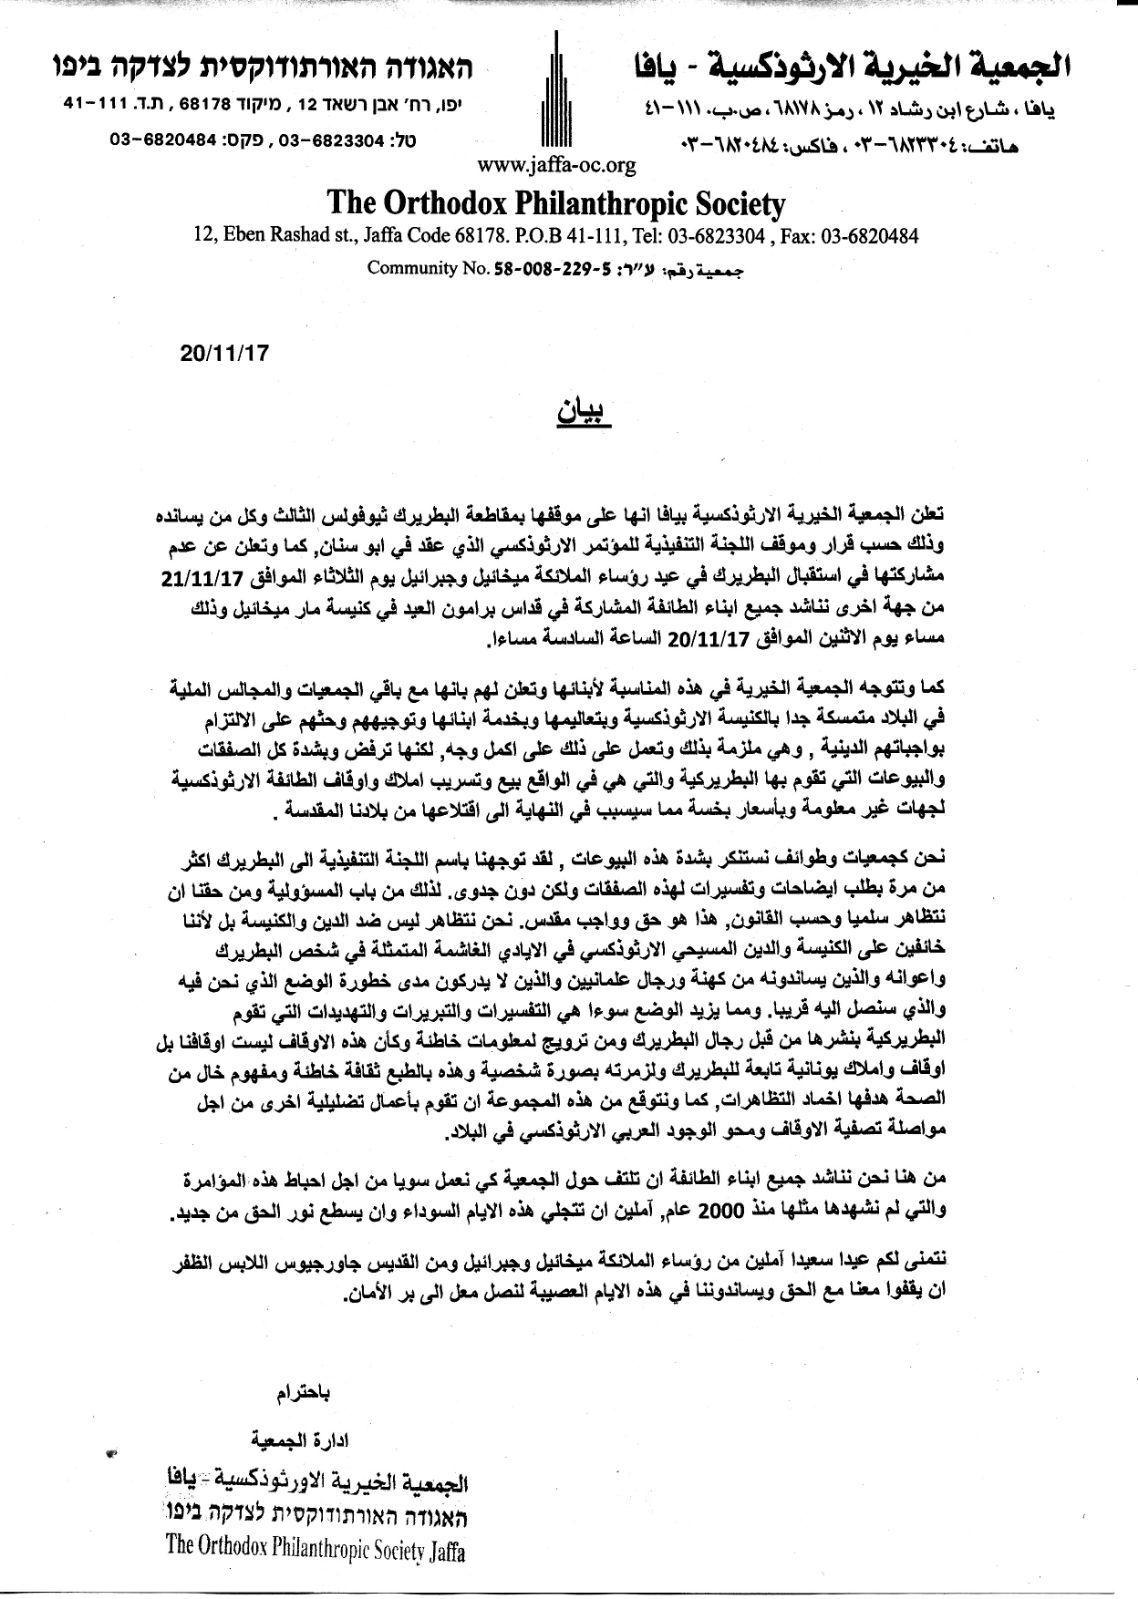 يافا: العرب الأرثوذكس يقاطعون البطريرك ثيوفيلوس